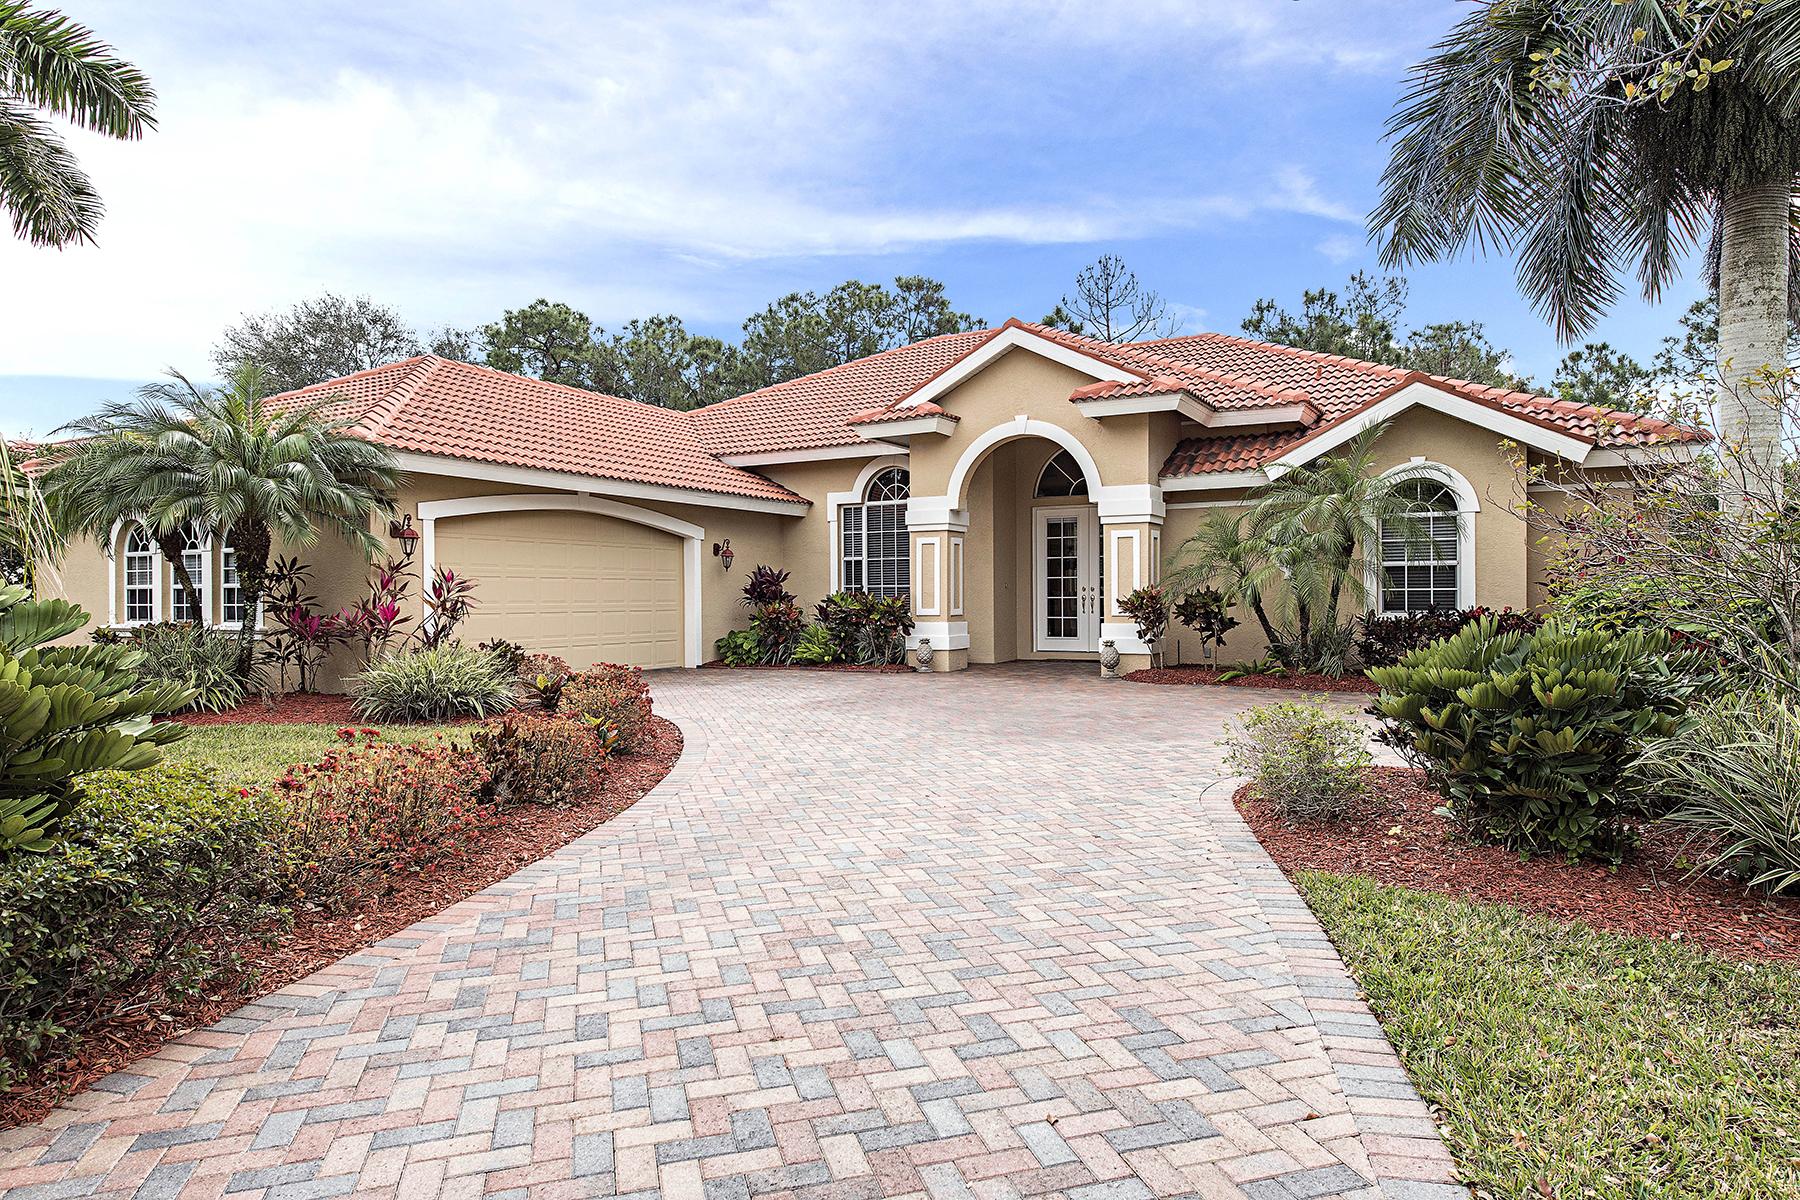 Moradia para Venda às WILSHIRE LAKES 8130 Lowbank Dr Naples, Florida, 34109 Estados Unidos